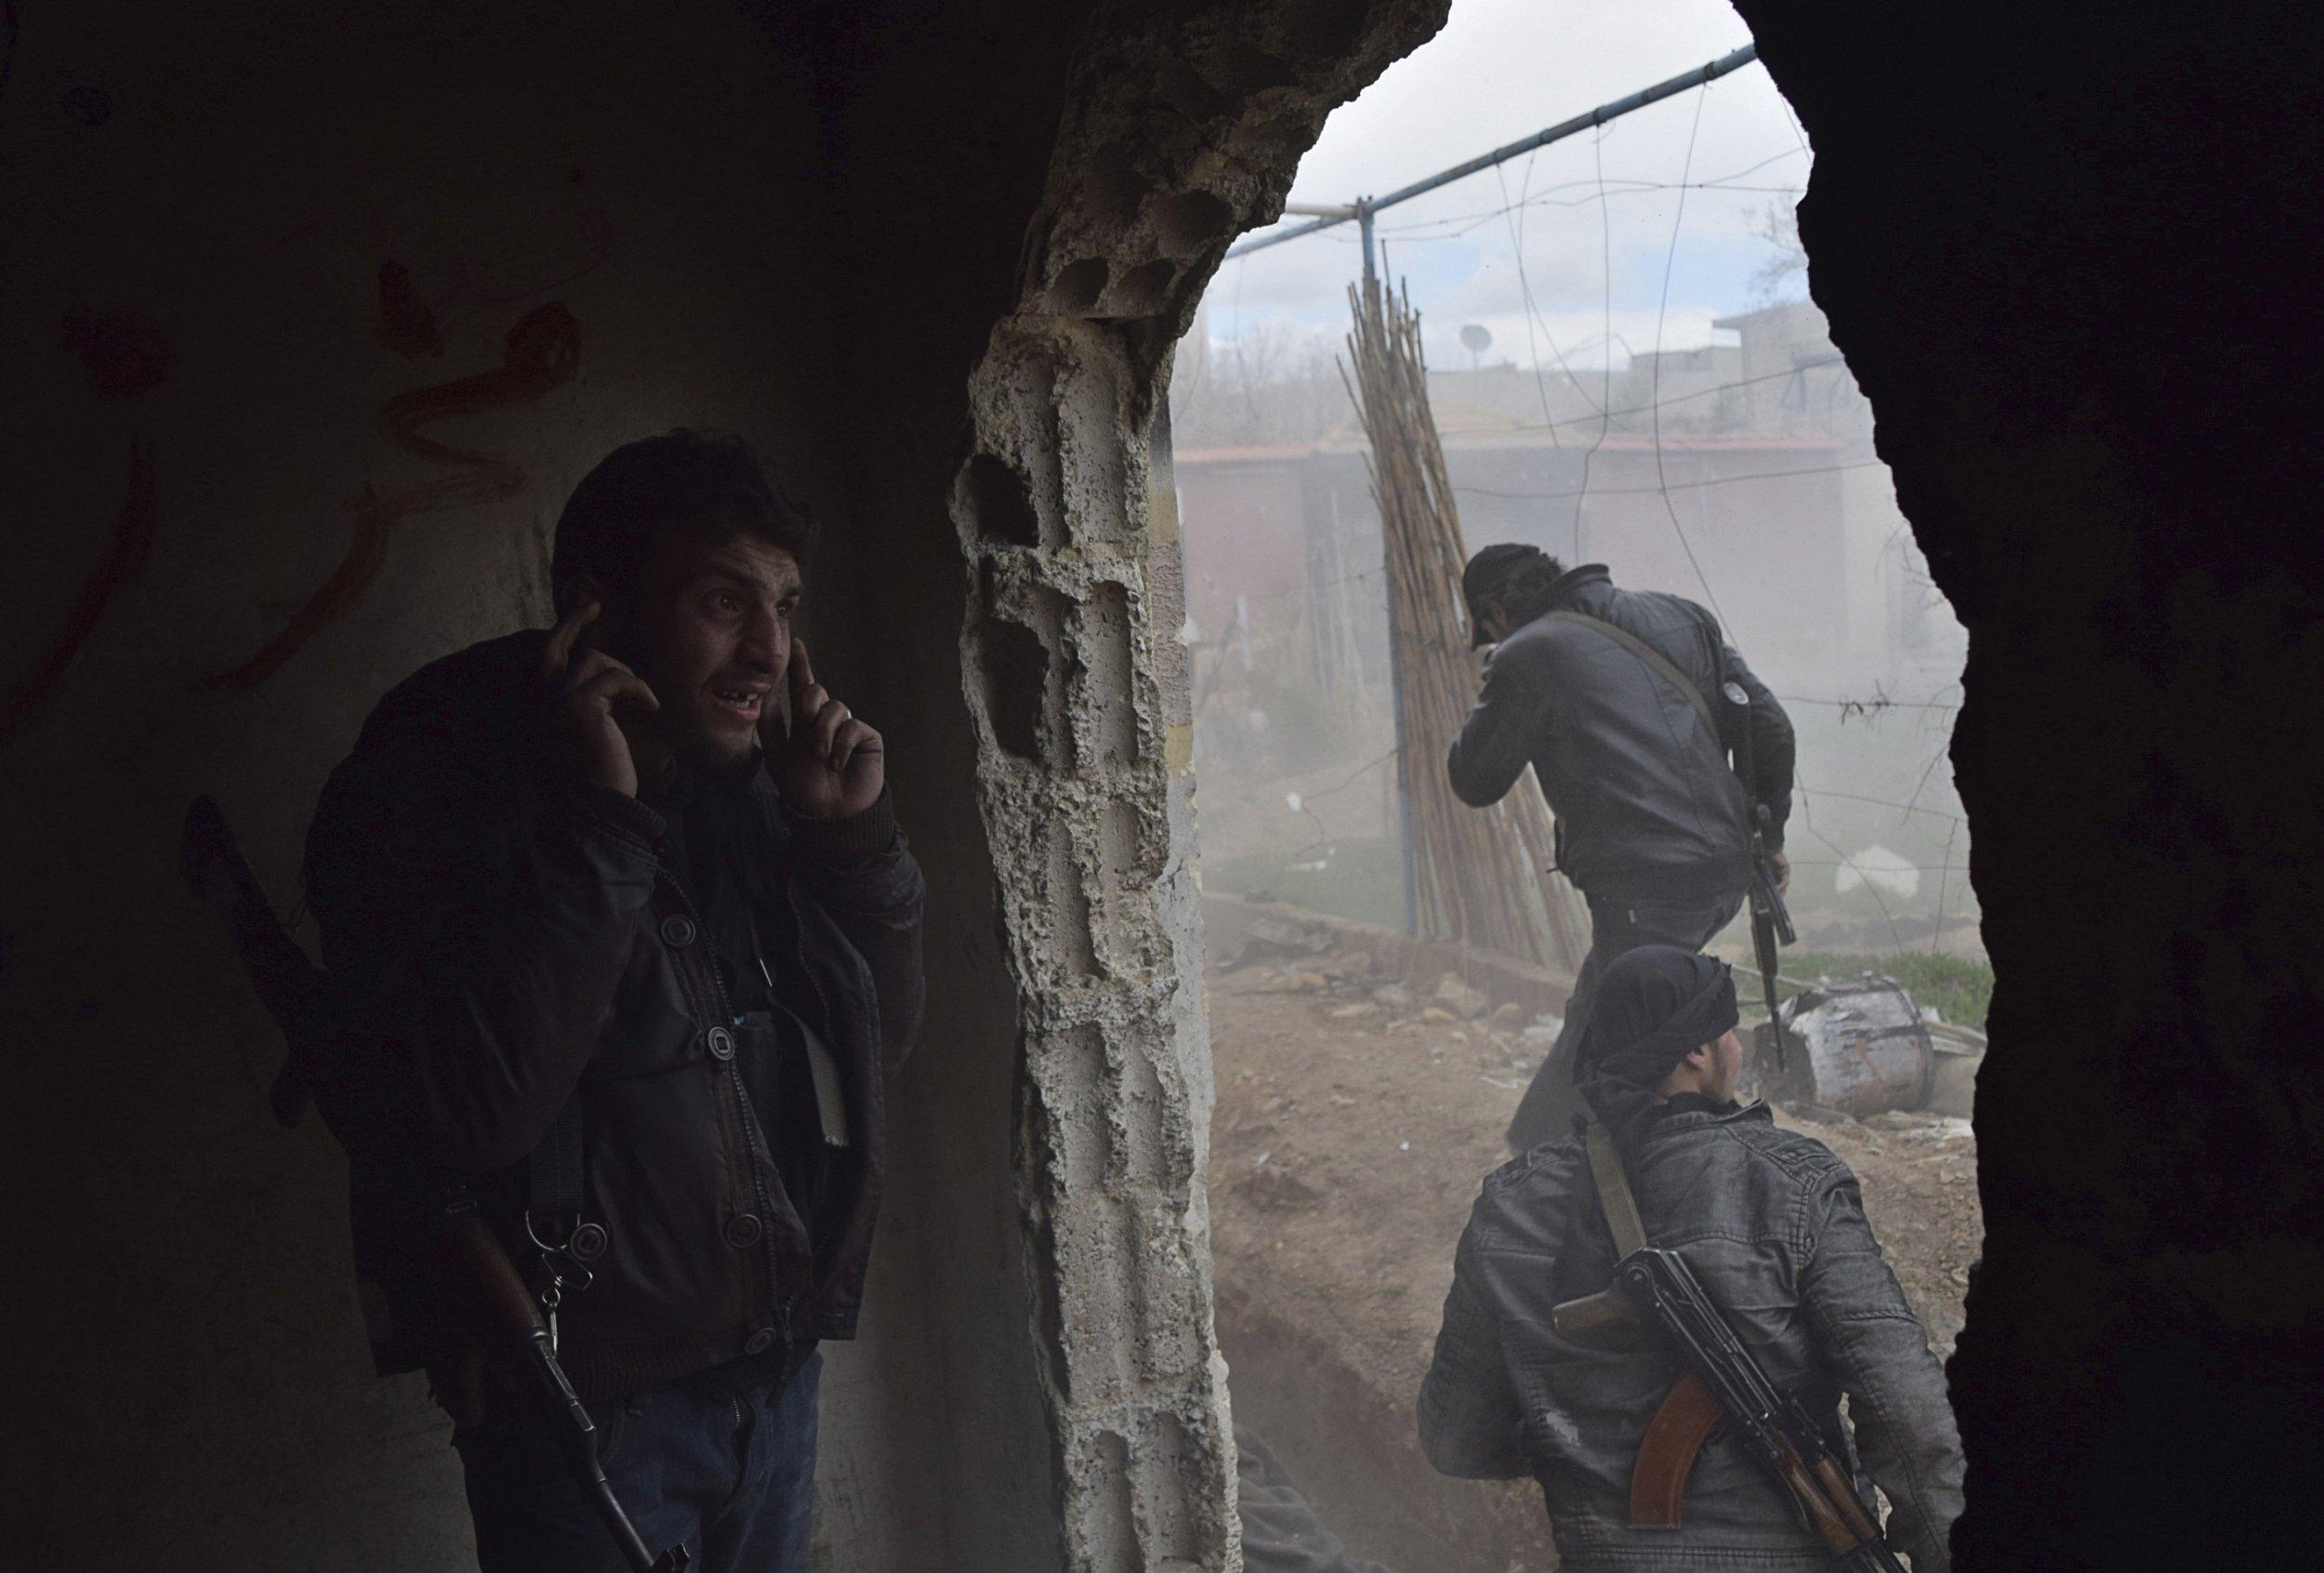 2015-02-19T173748Z_2_LYNXMPEB1I0MY_RTROPTP_4_SYRIA-CRISIS